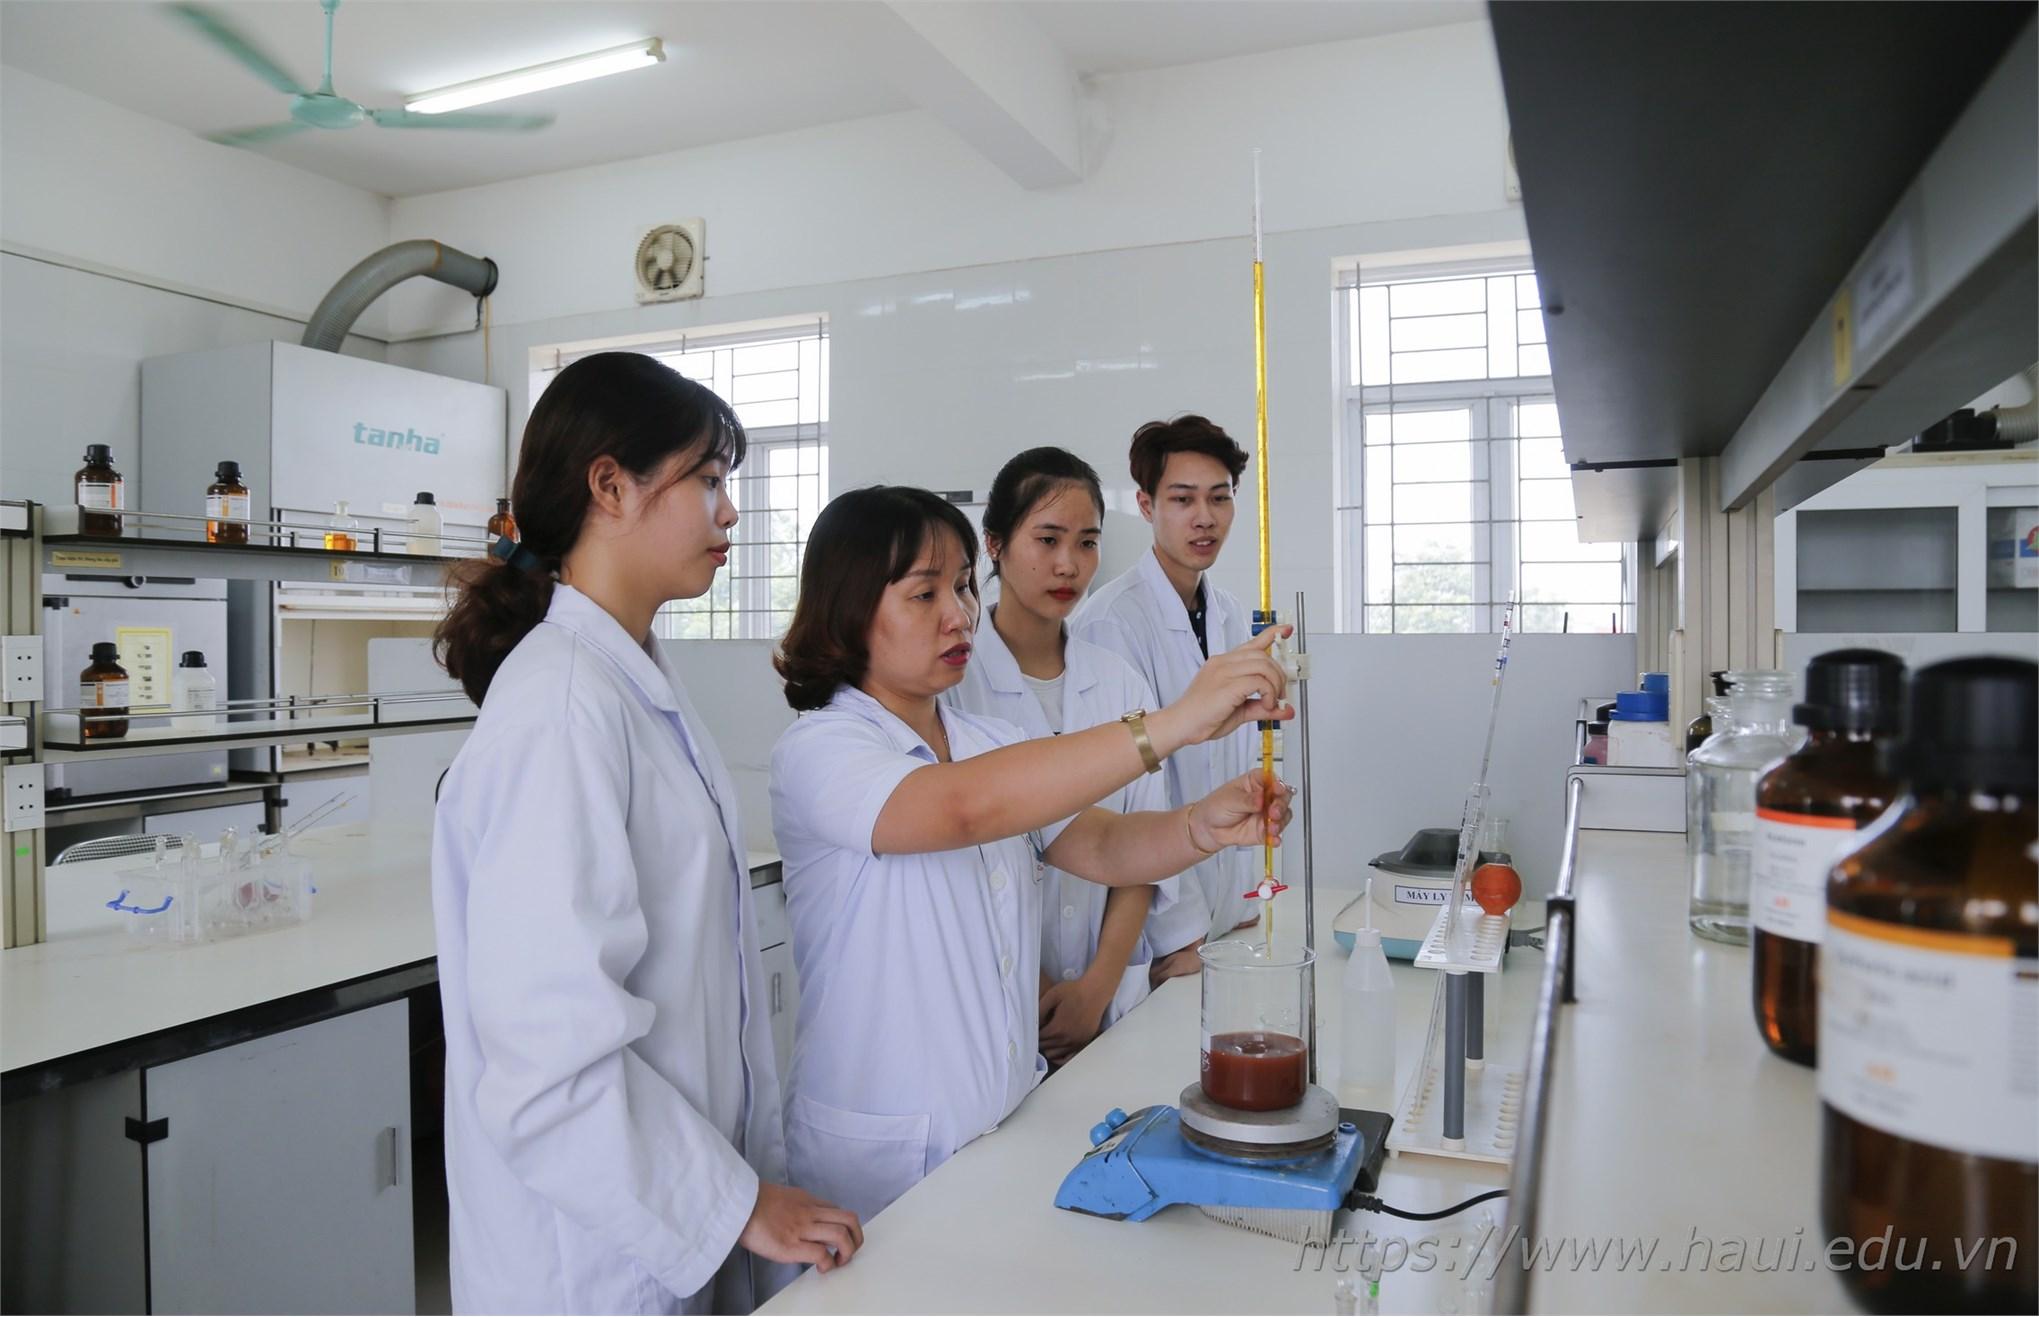 Đầu tư cơ sở vật chất hiện đại cho ngành Công nghệ Hoá, nâng cao chất lượng đào tạo và nghiên cứu khoa học